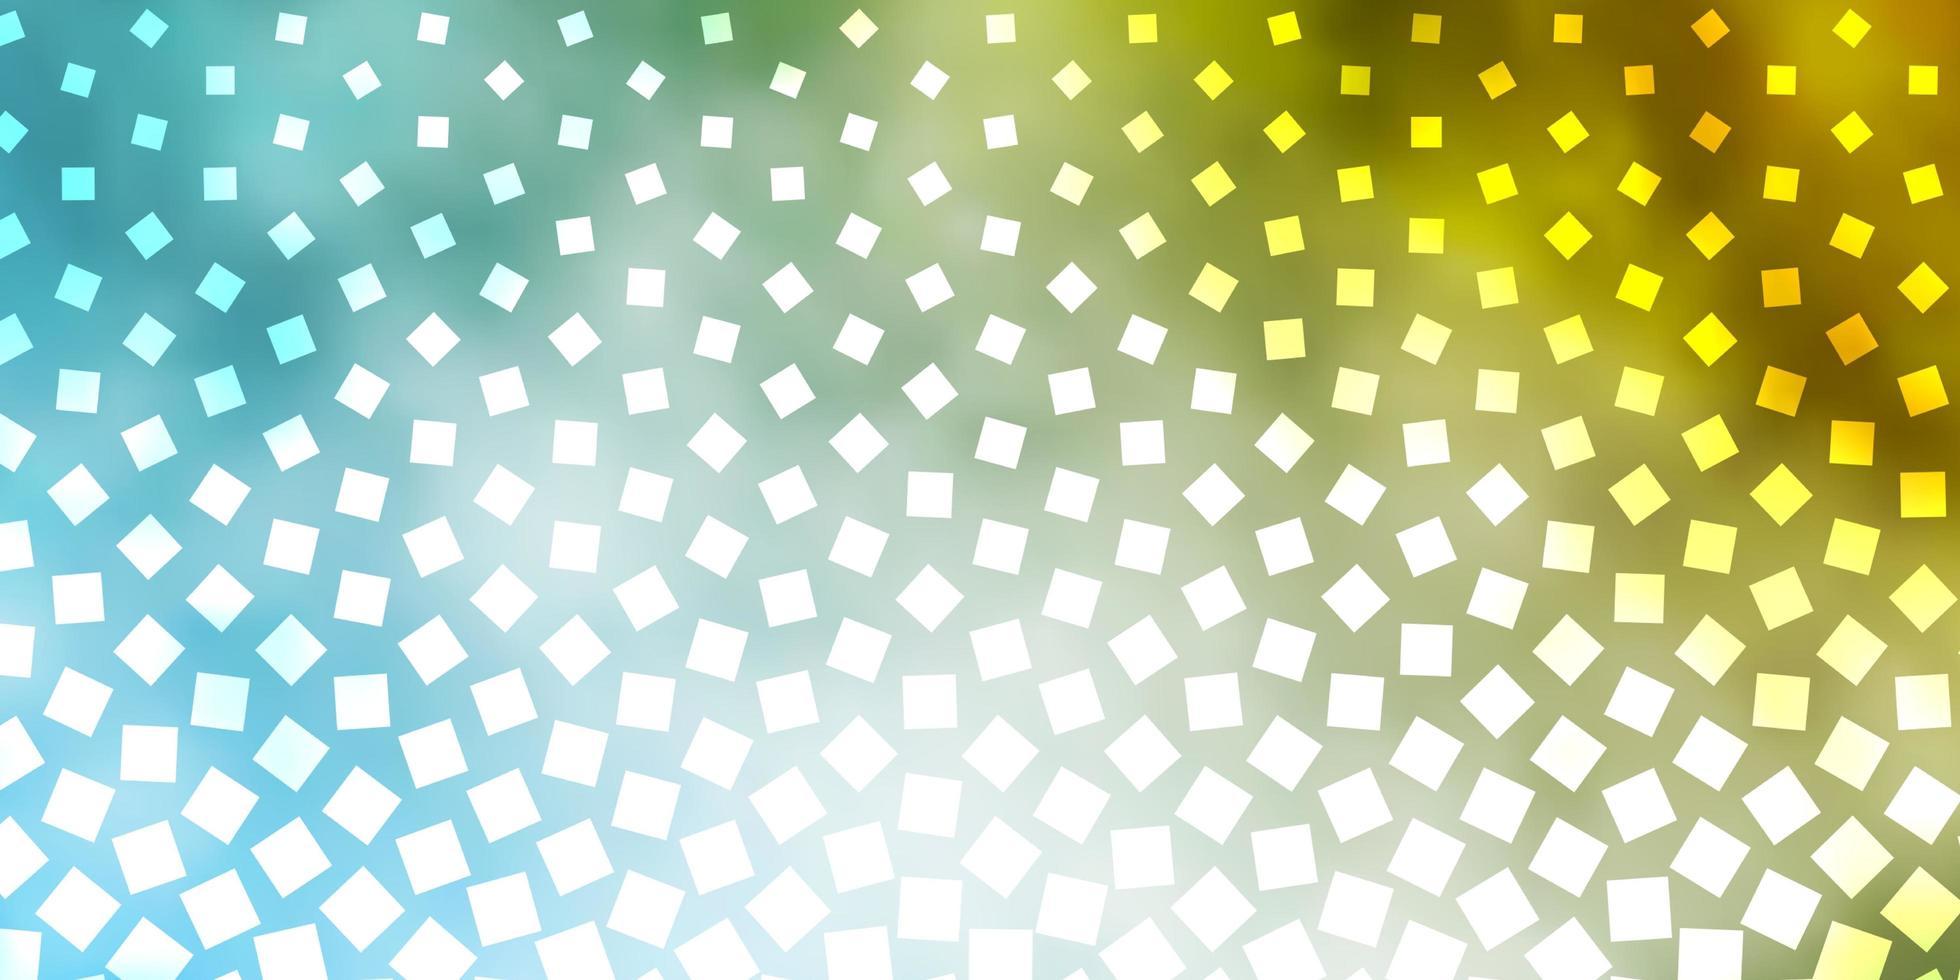 fondo azul claro, amarillo con rectángulos. vector